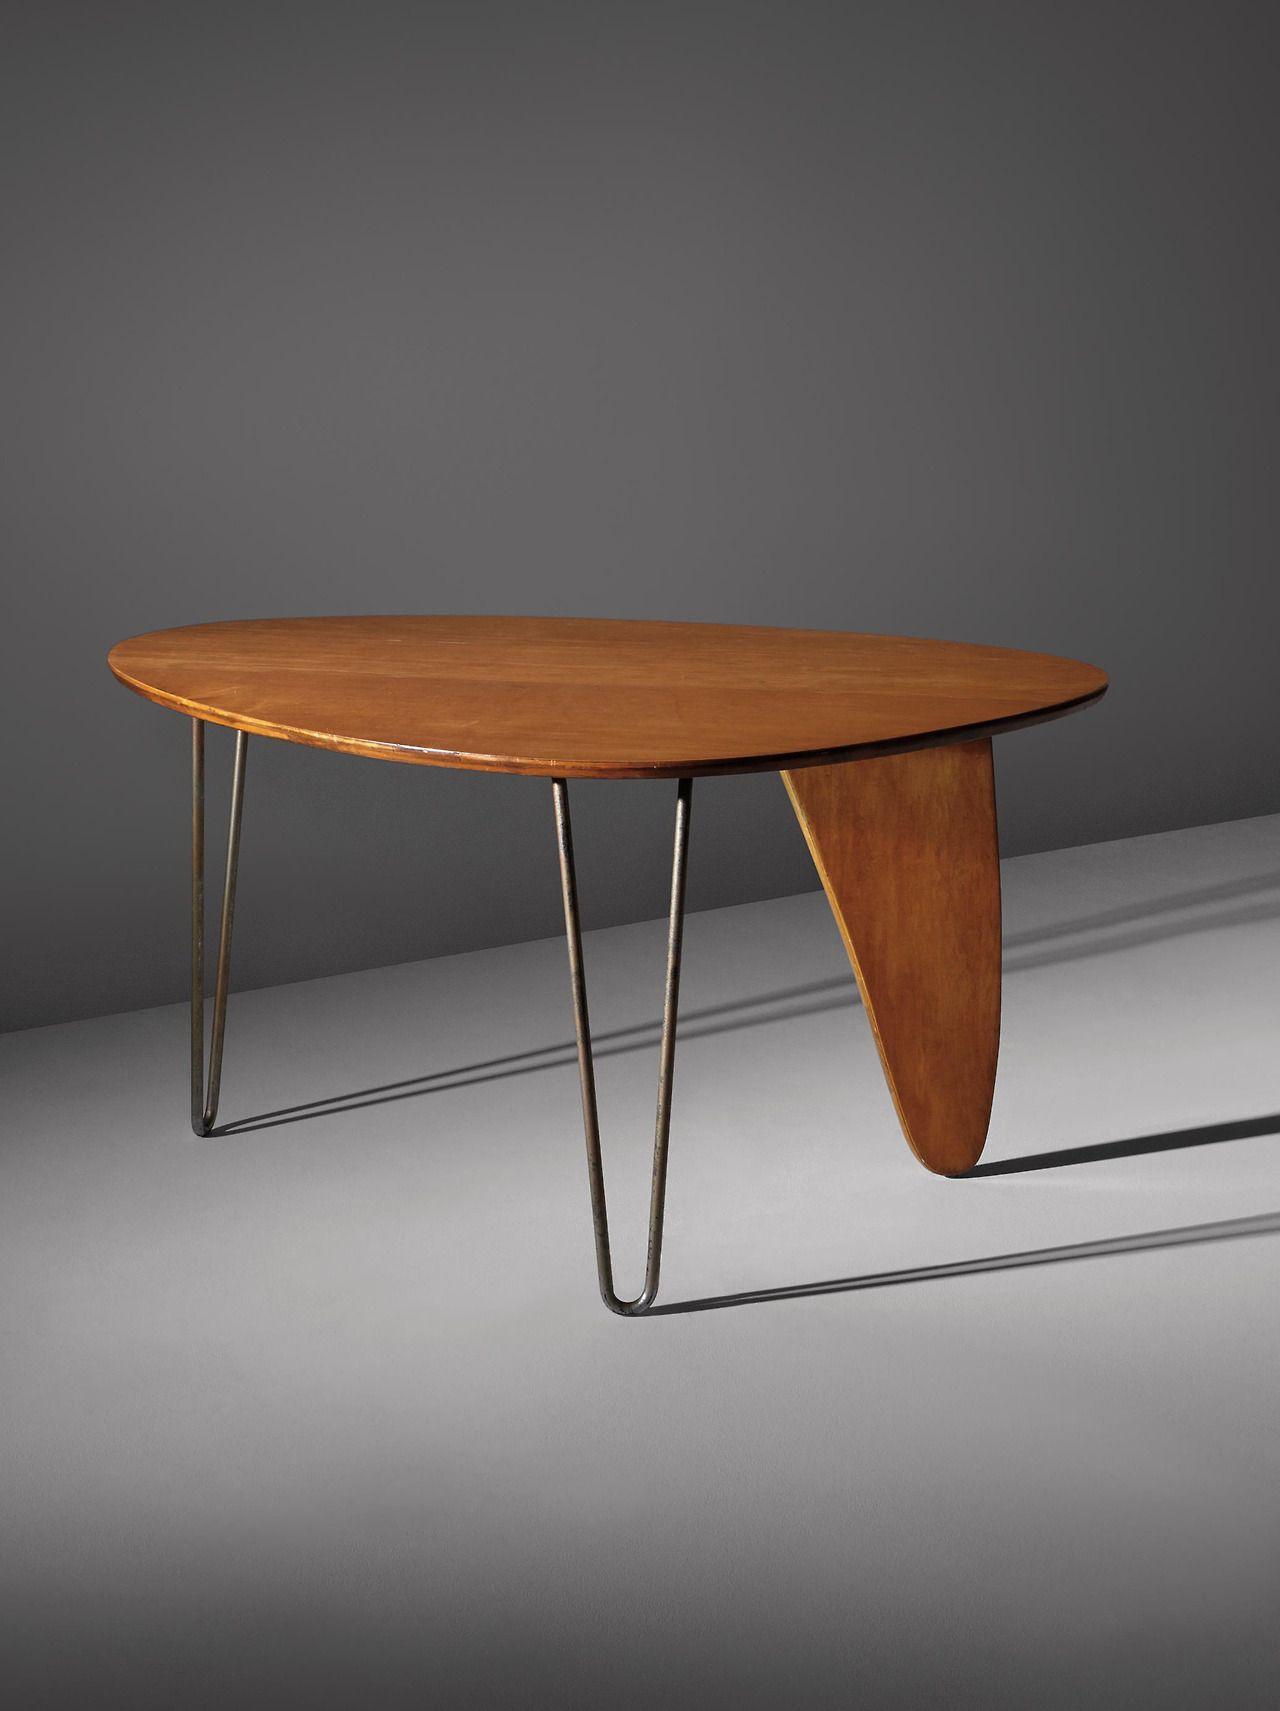 ISAMU NOGUCHI Rudder Dinette Table Model IN USA C - Noguchi rudder table